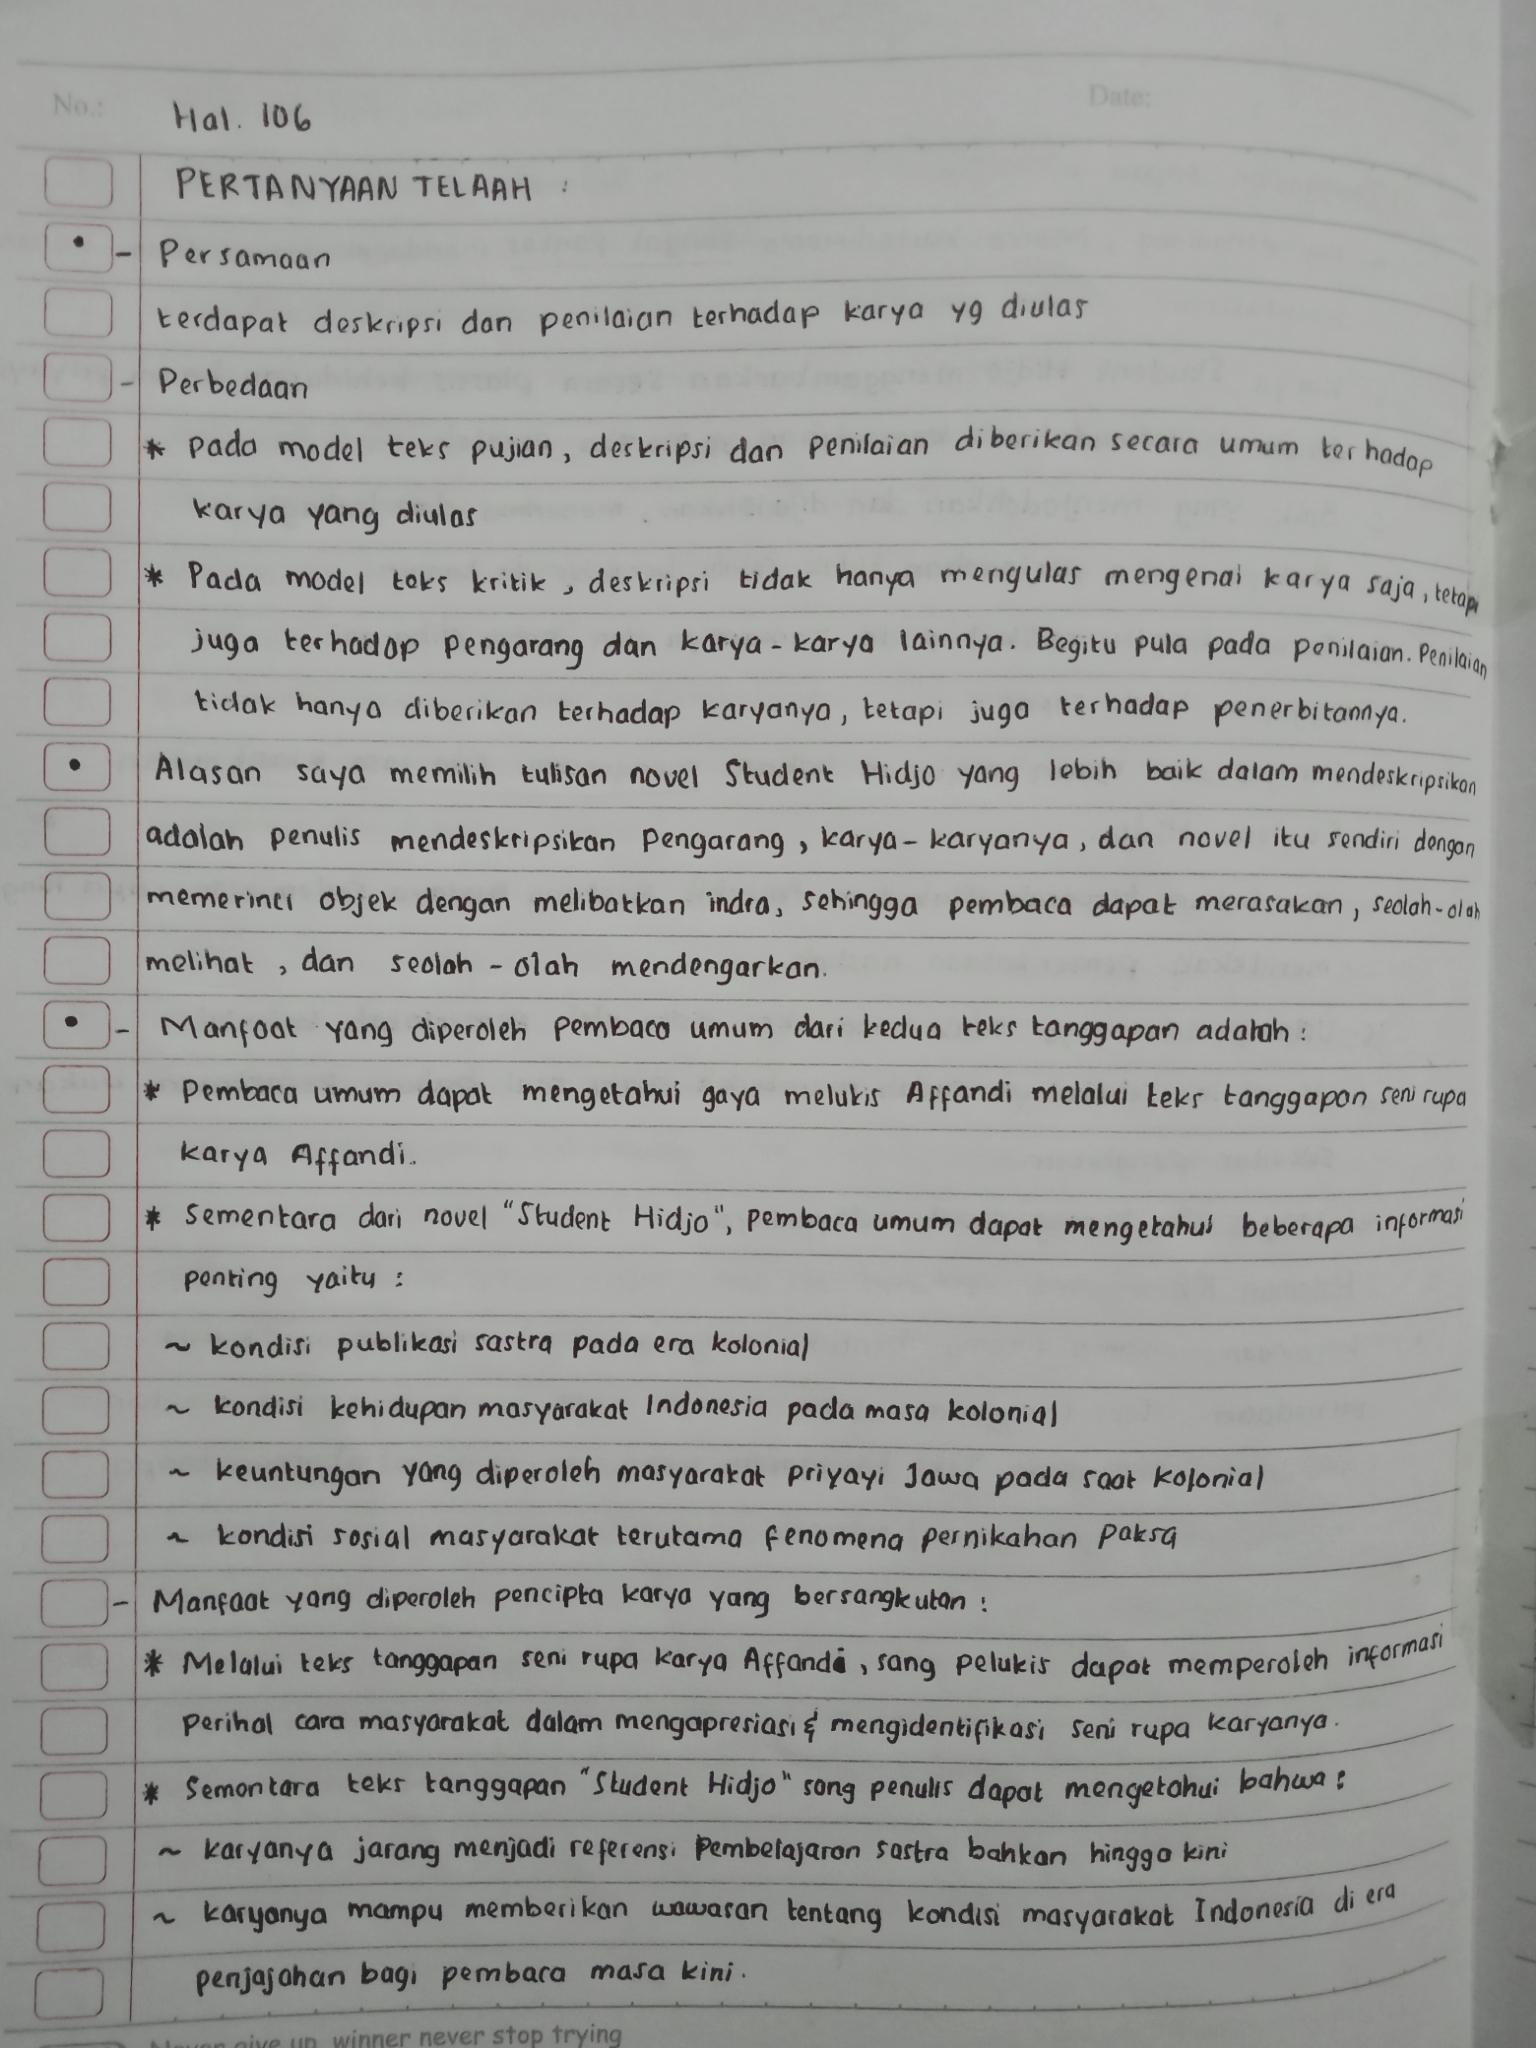 29 Jawaban Kirtya Basa Kelas 8 Halaman 2 Pictures